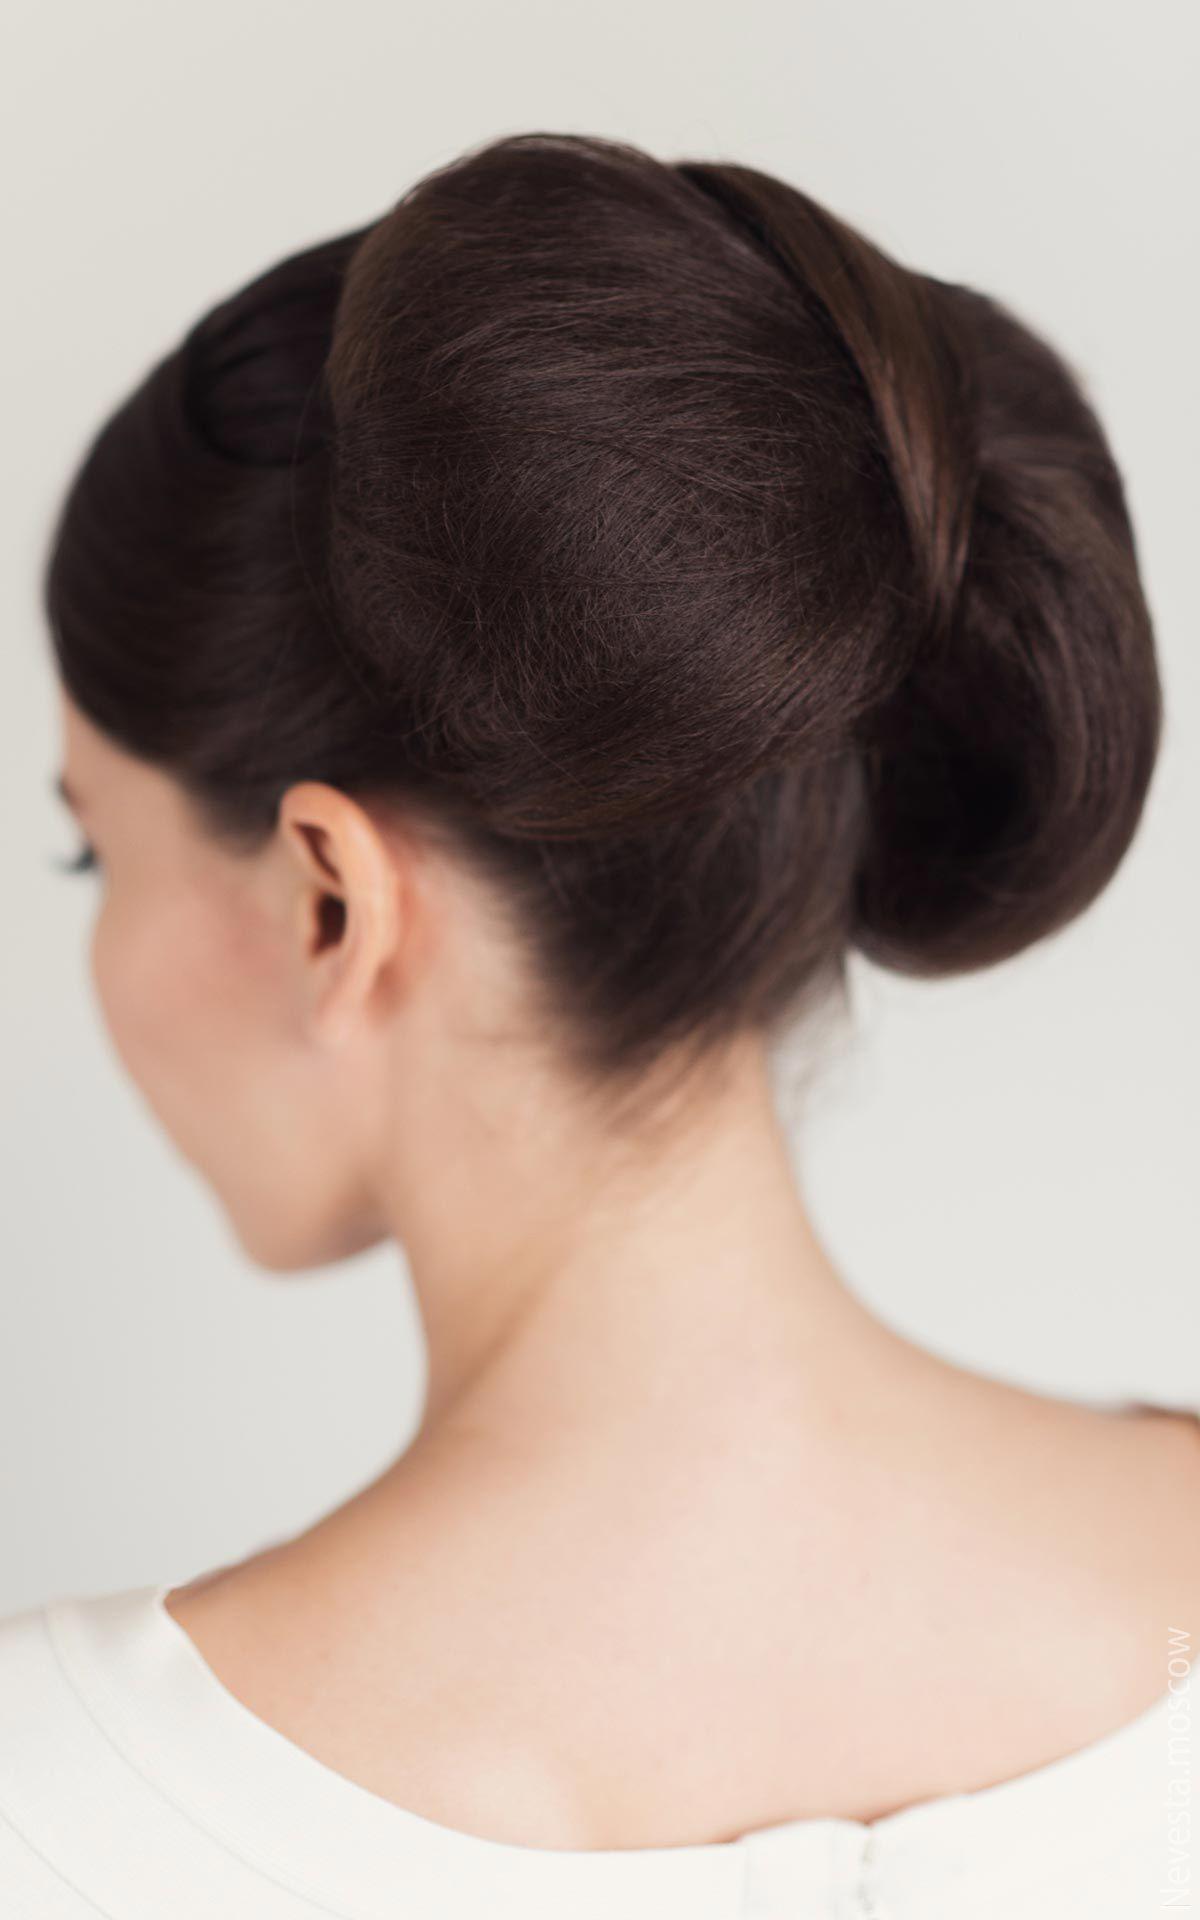 Бант, собранный из волос